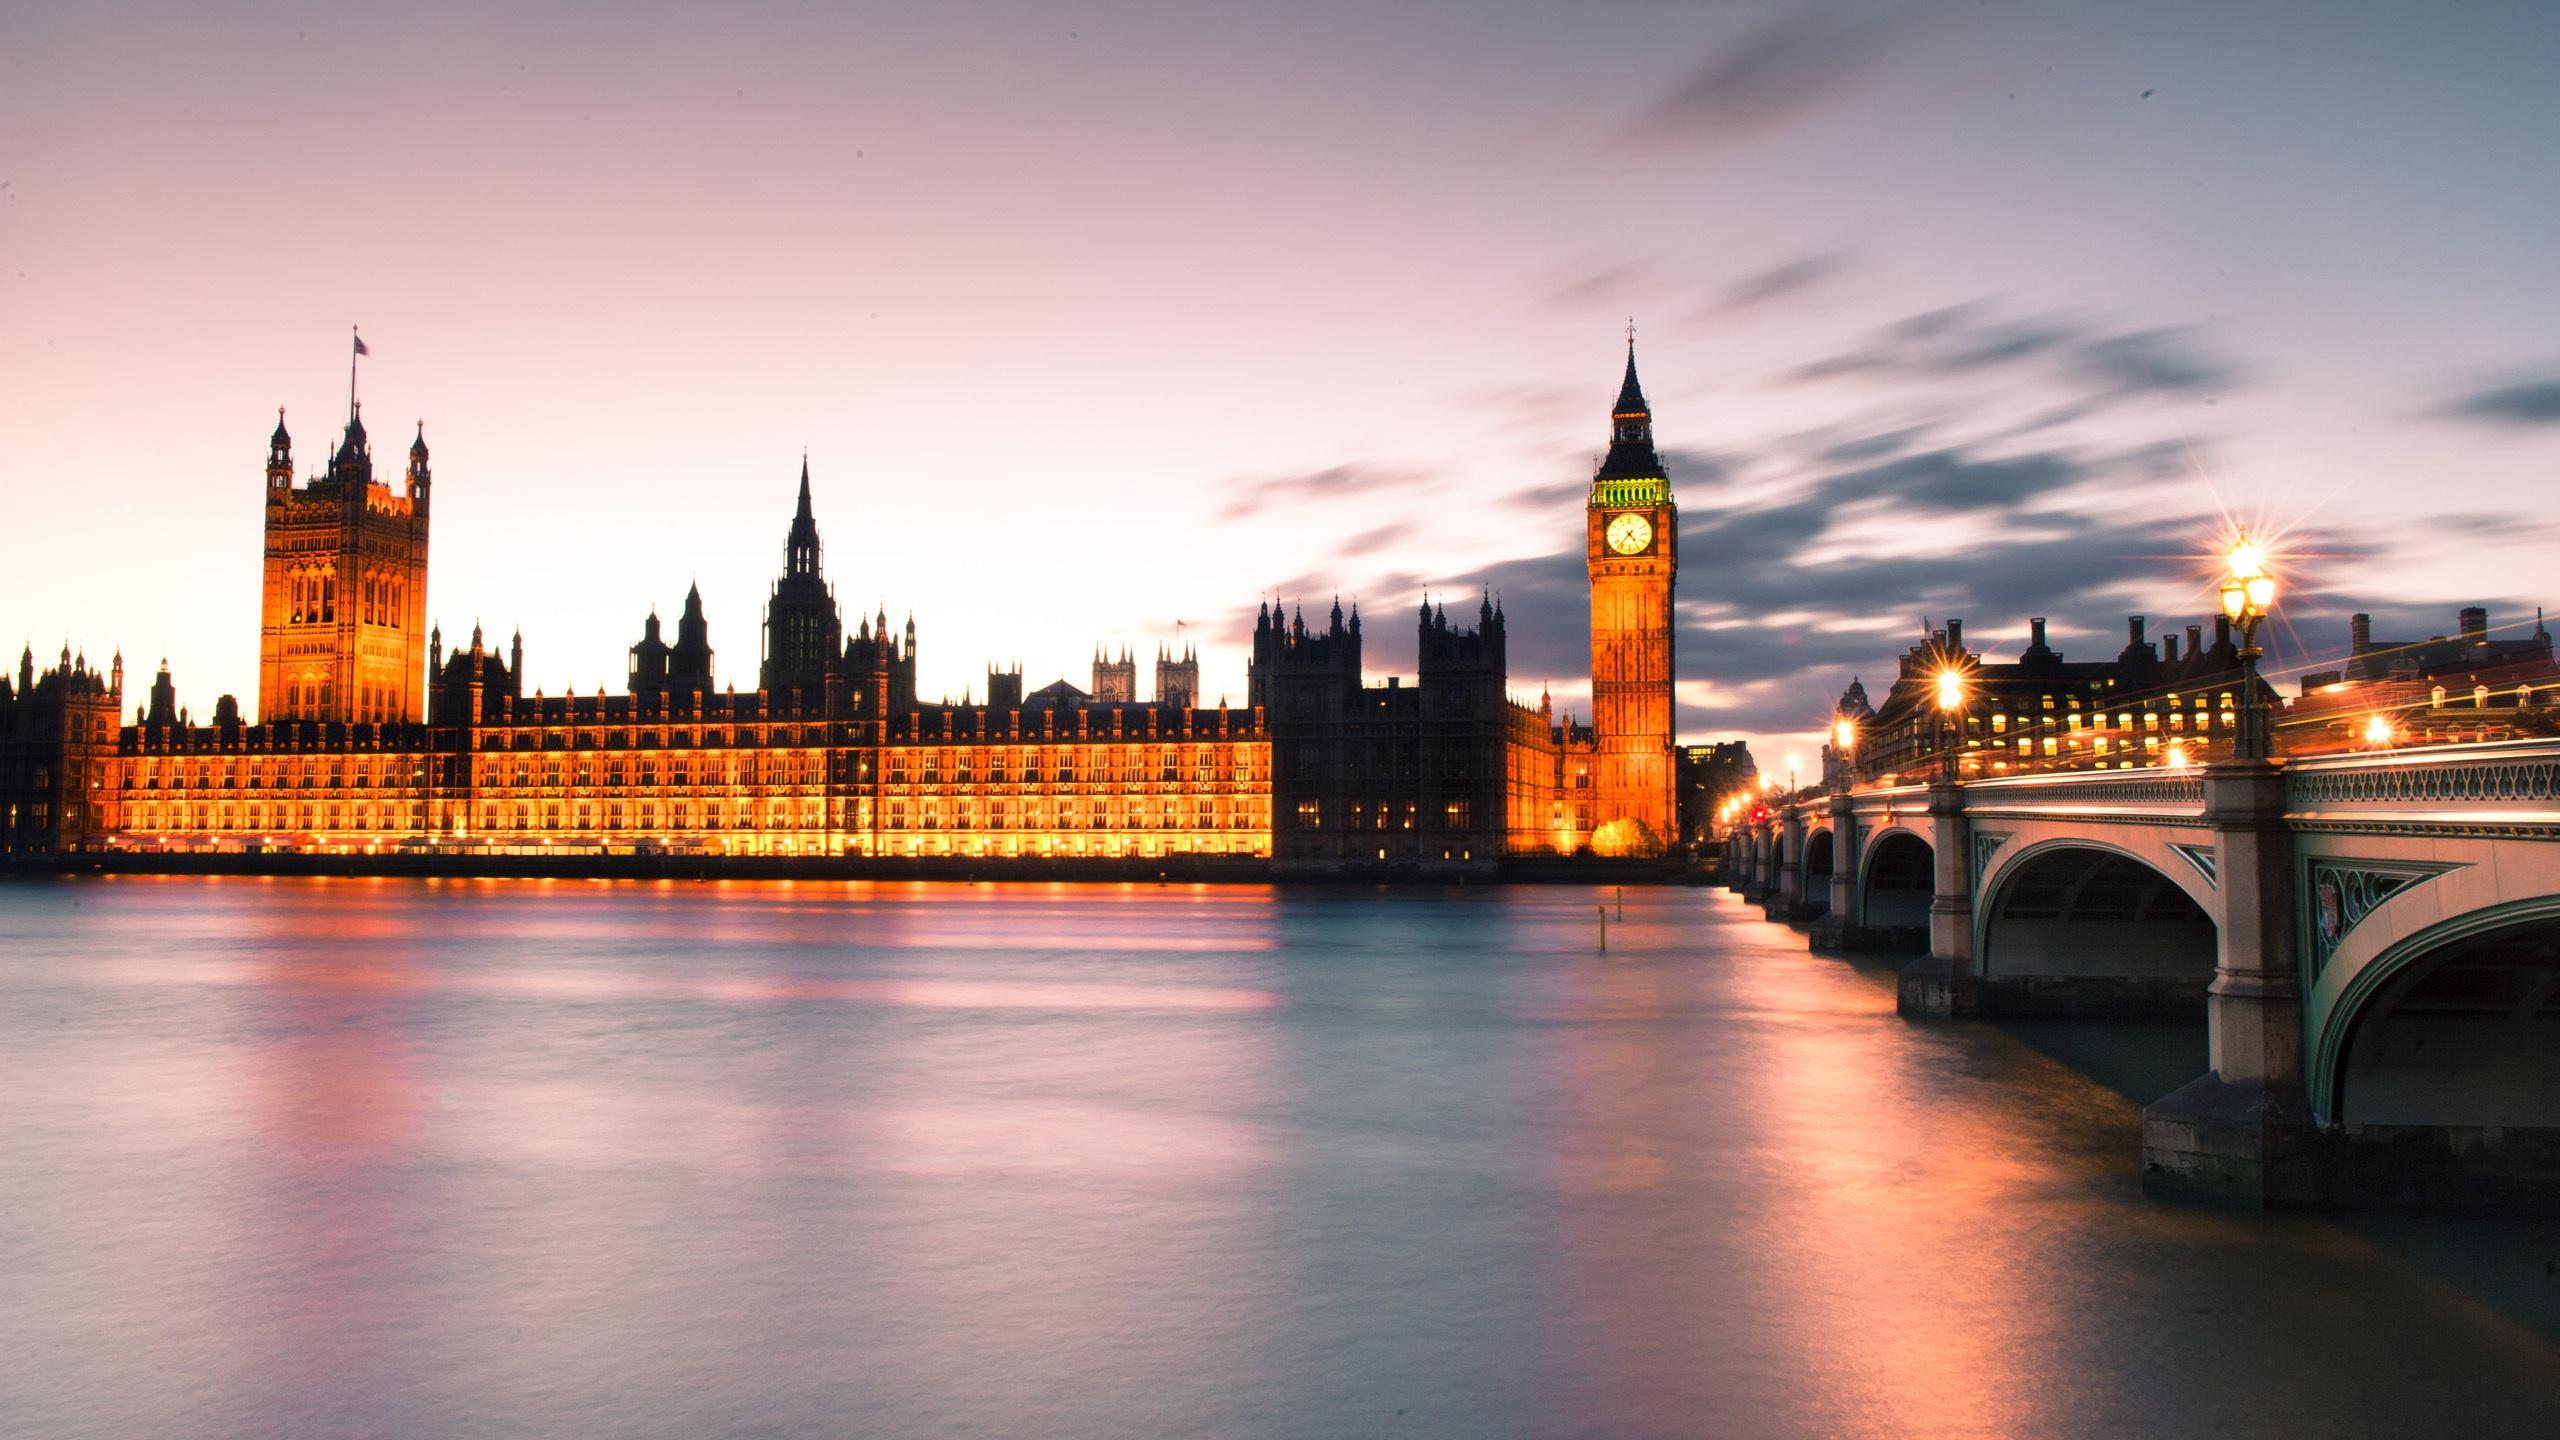 Royaume uni londres fonds d 39 cran 2560x1440 qhd fonds d for Fond ecran qhd